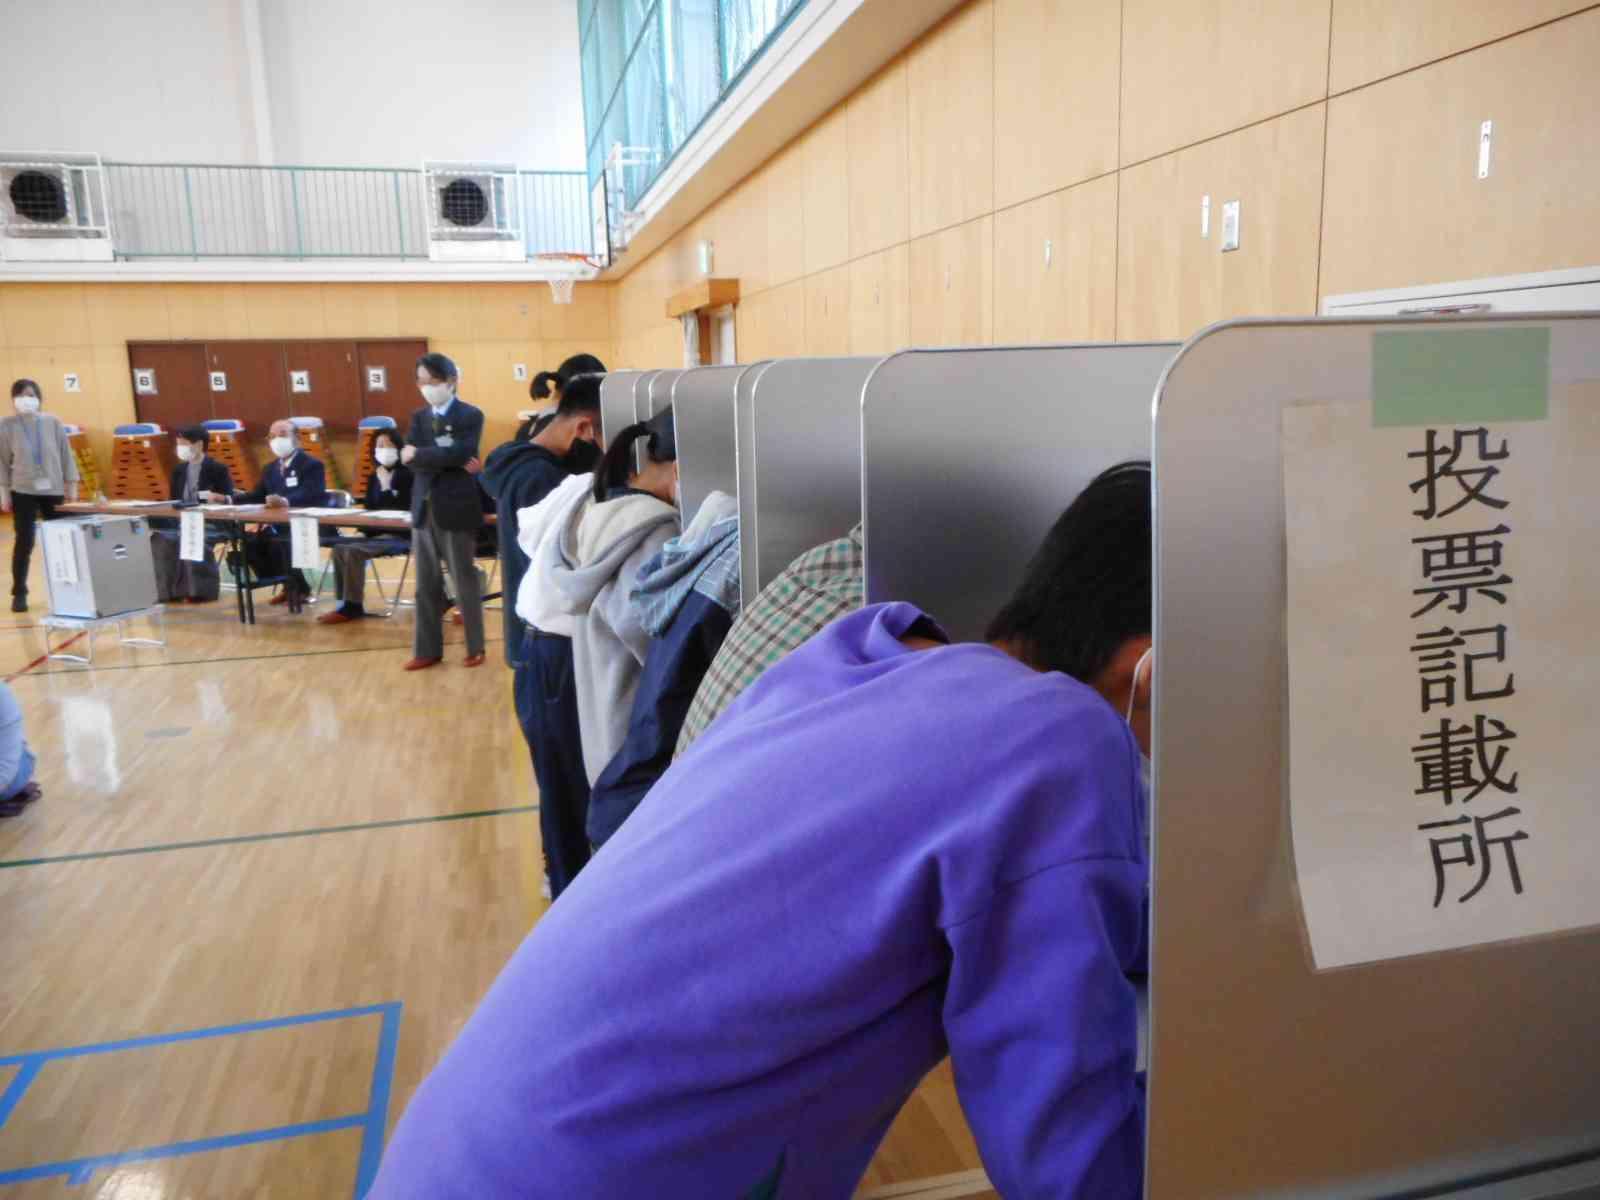 201217 6年模擬選挙①.JPG